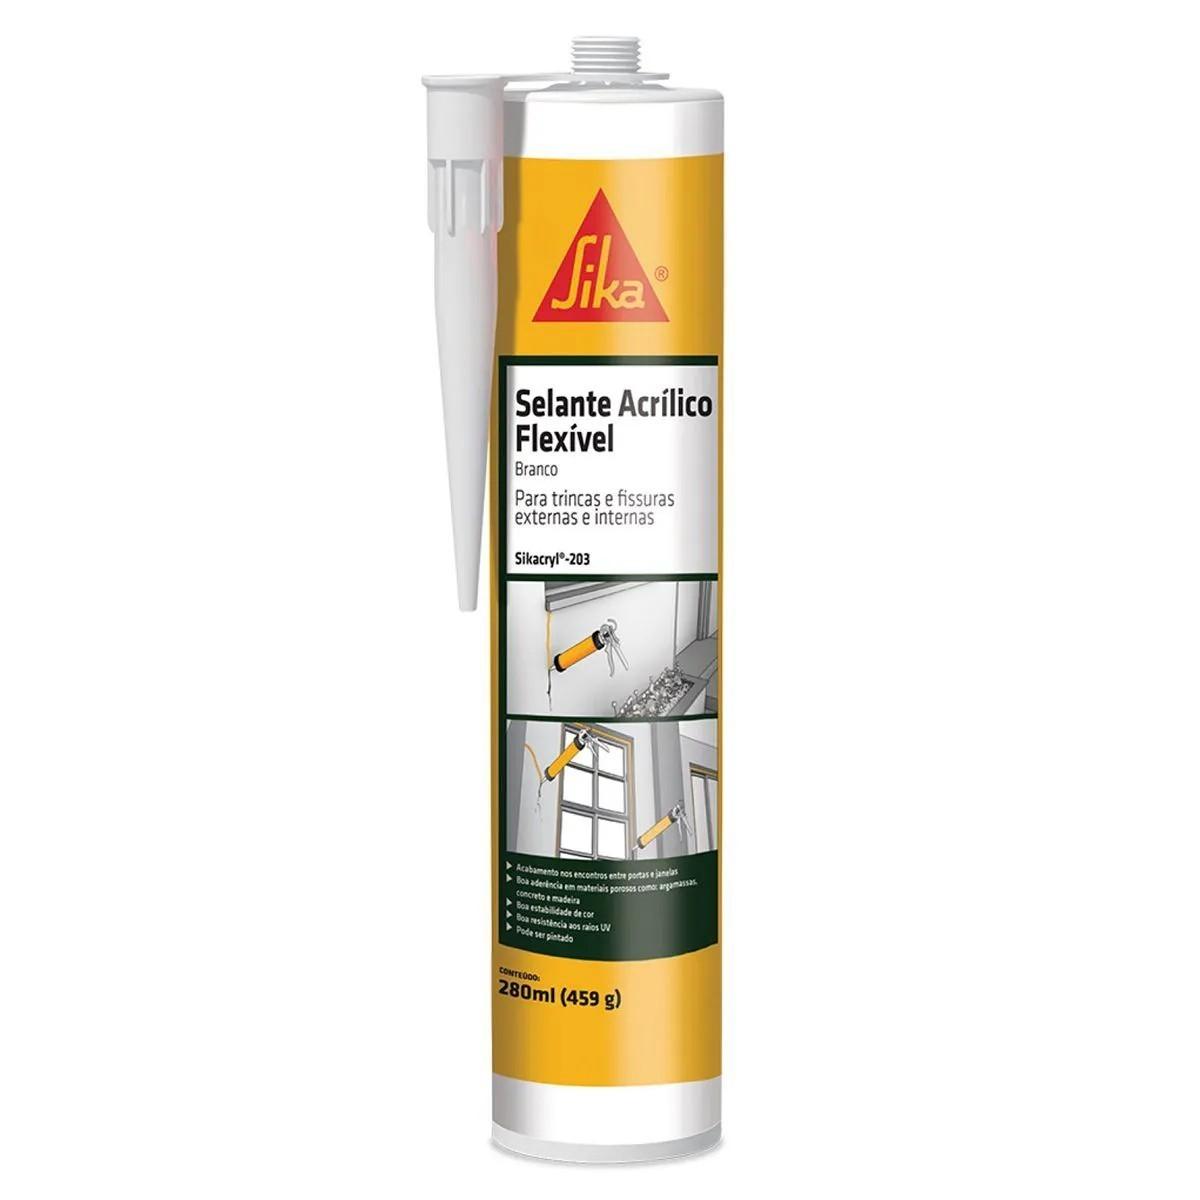 Selante Acrílico Flexível Sikacryl 203 430g - Sika